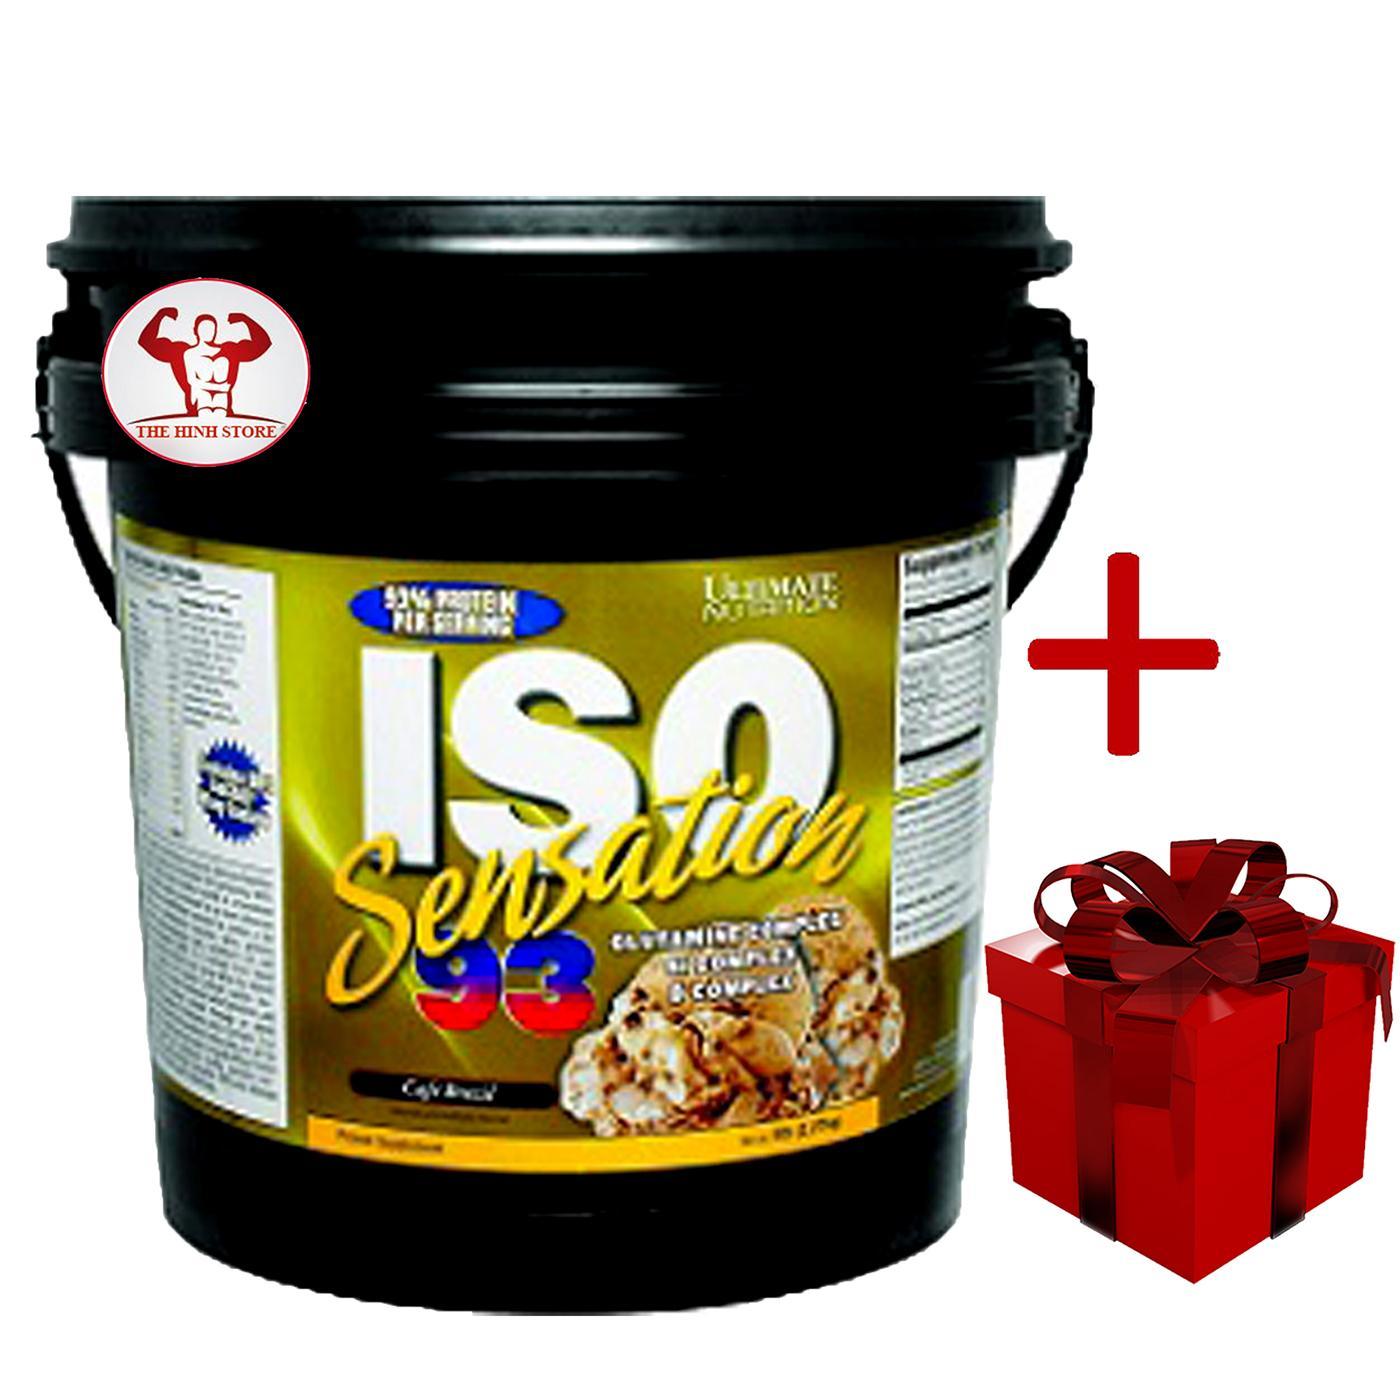 SỮA TĂNG CƠ WHEY PROTEIN -ISO SENSATION 93 5LBS nhập khẩu